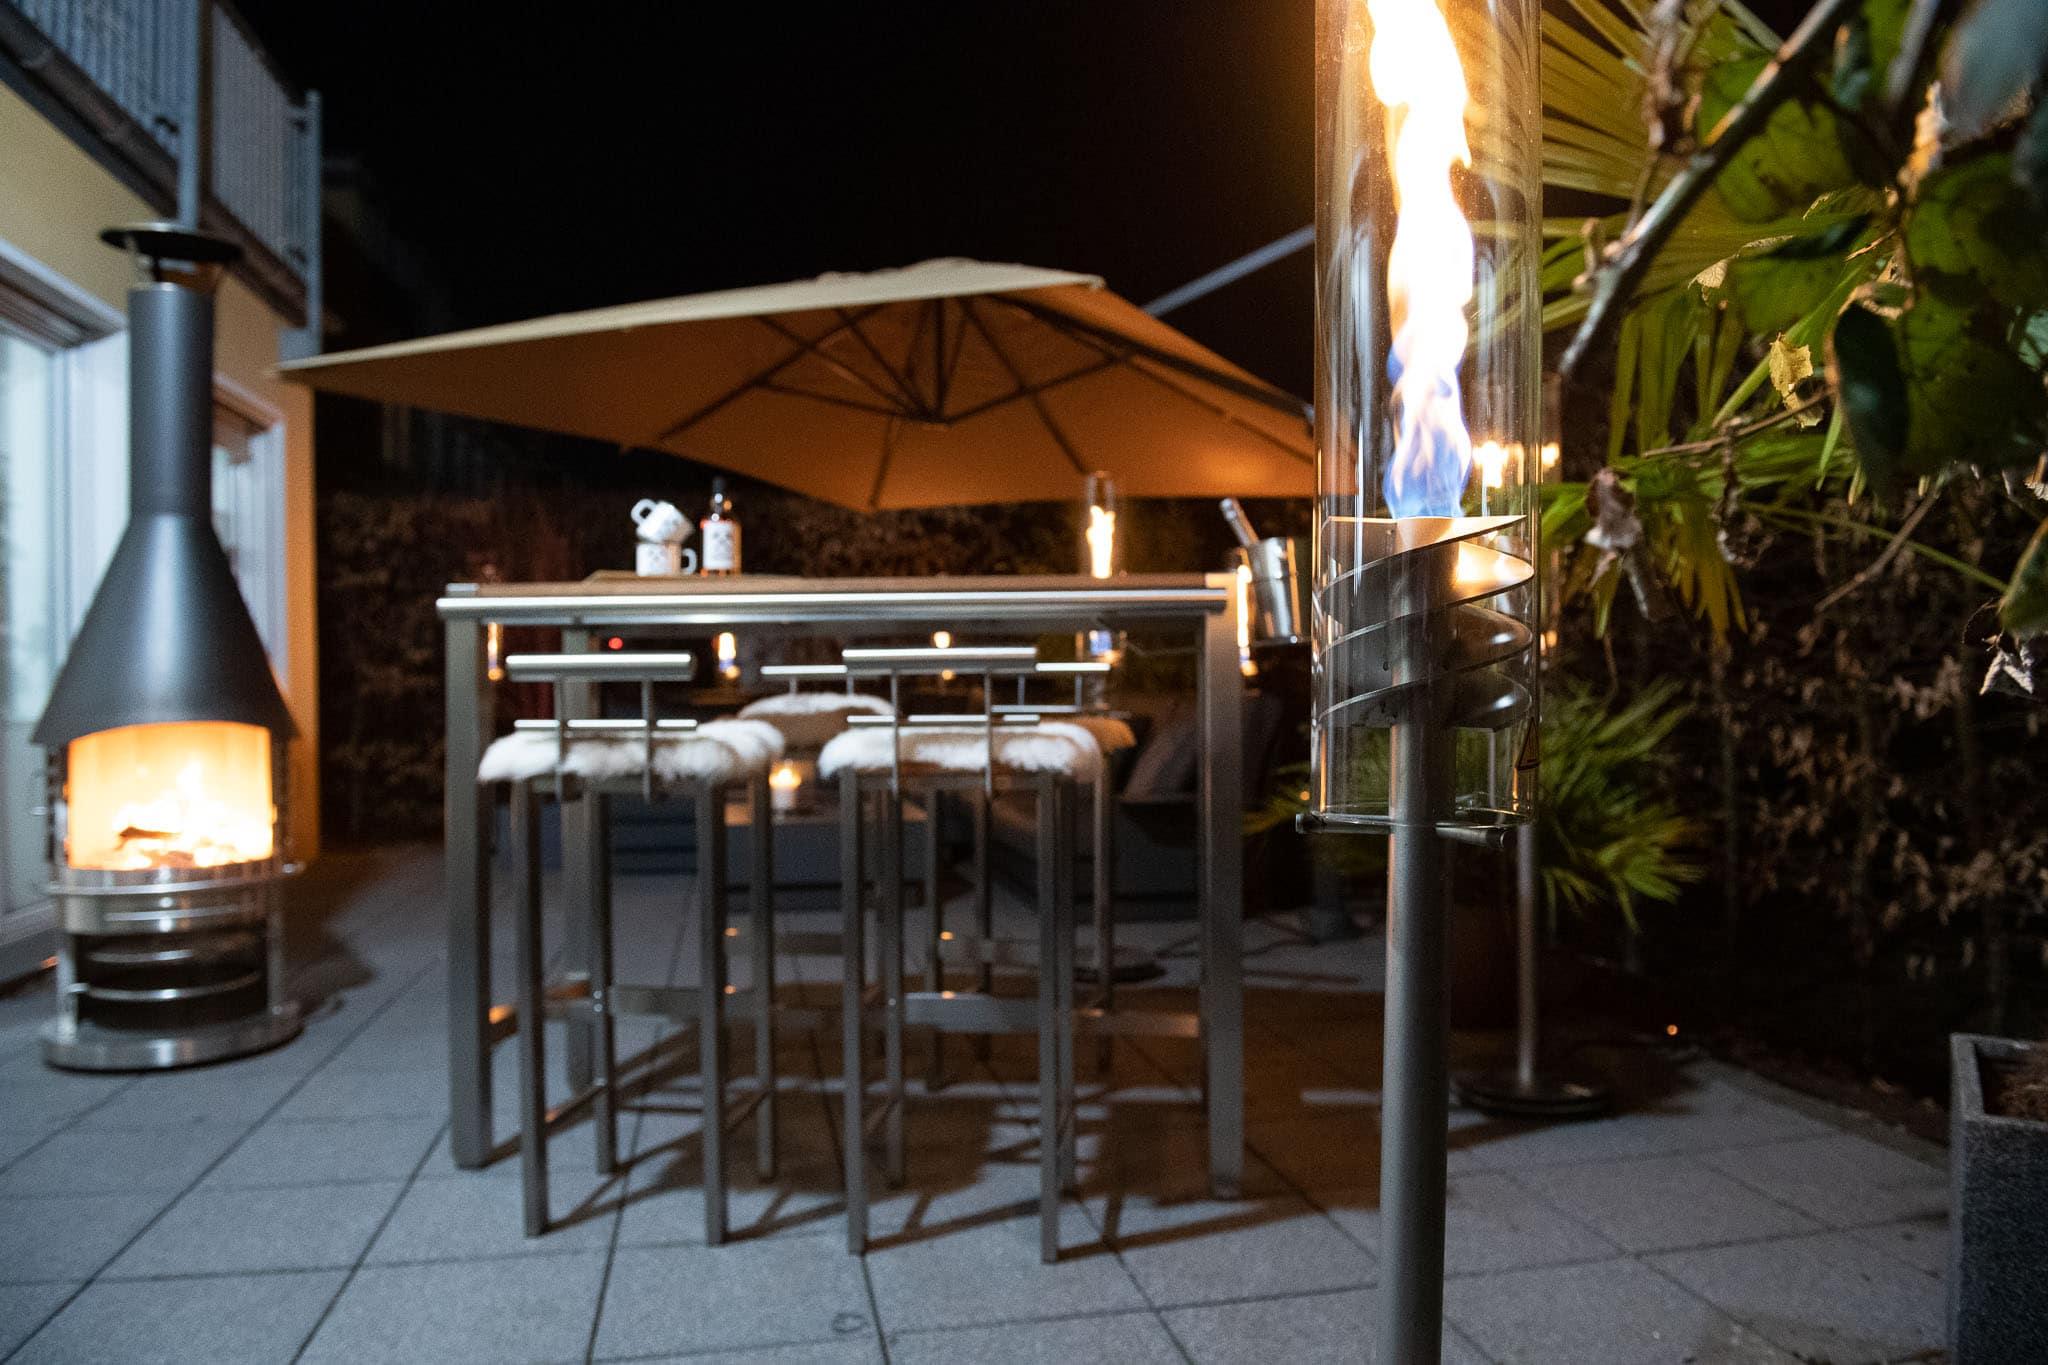 pottbrenner-abends-auf-terrasse